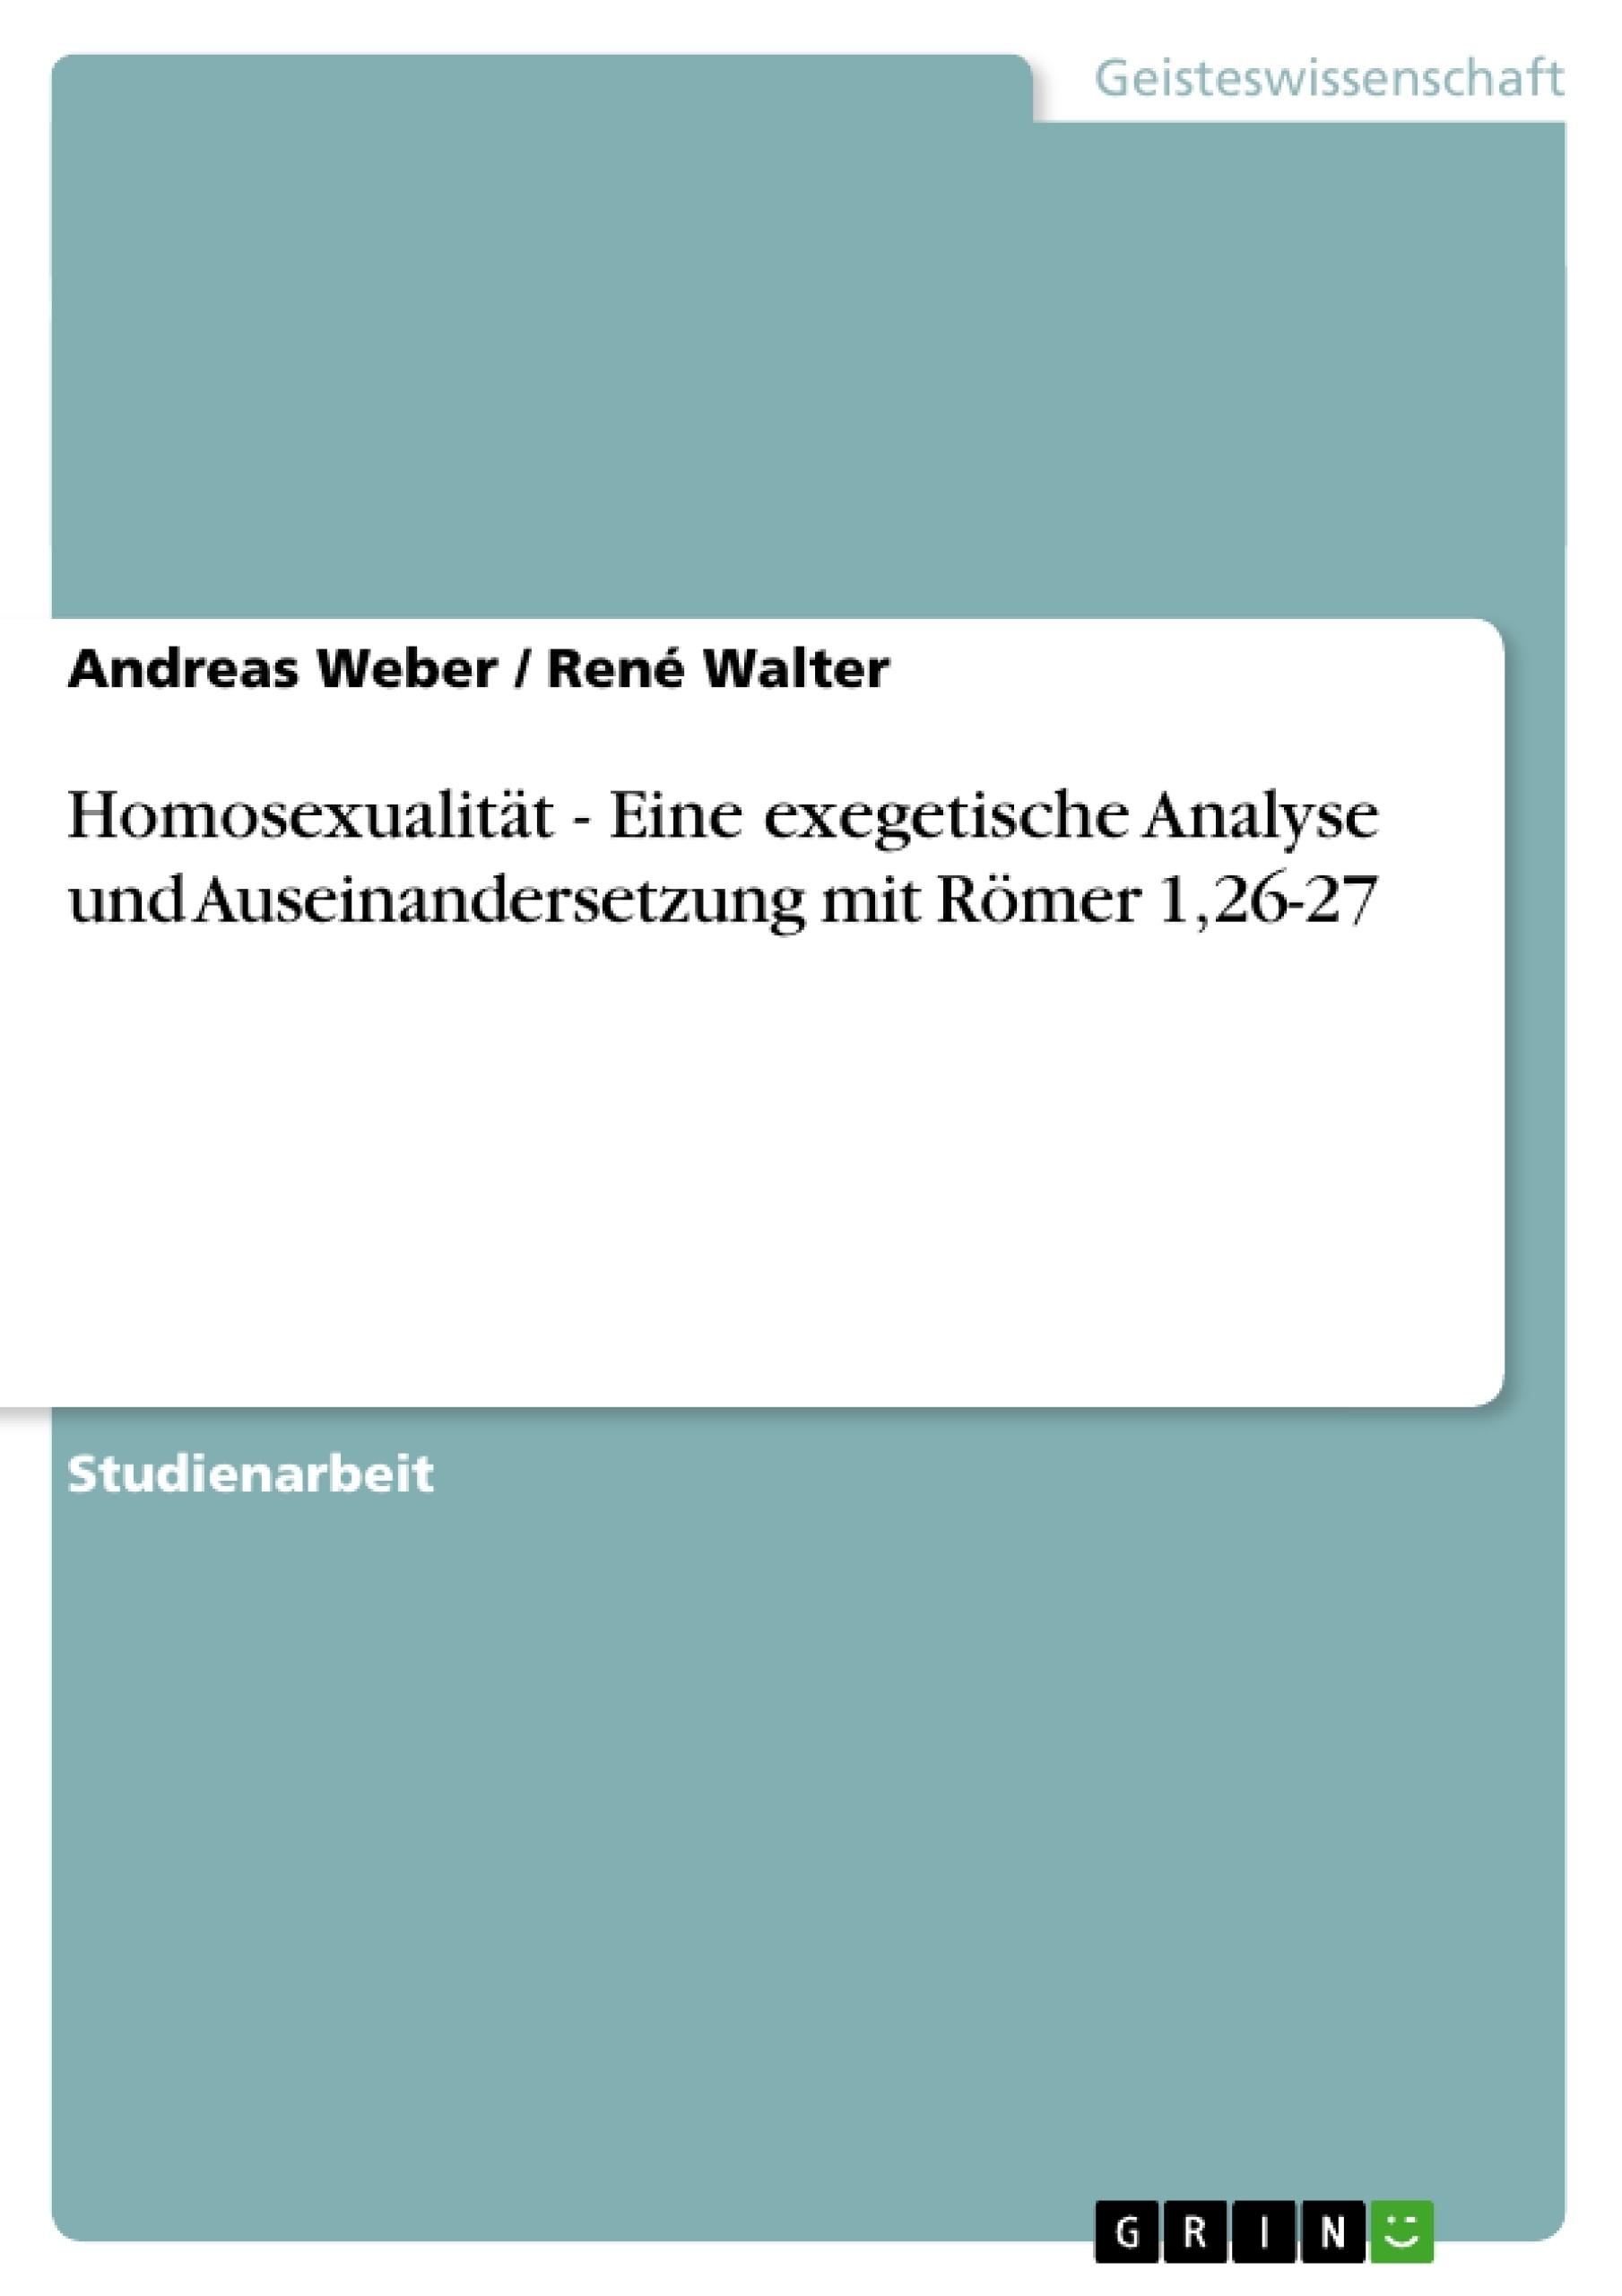 Titel: Homosexualität - Eine exegetische Analyse und  Auseinandersetzung mit  Römer 1,26-27